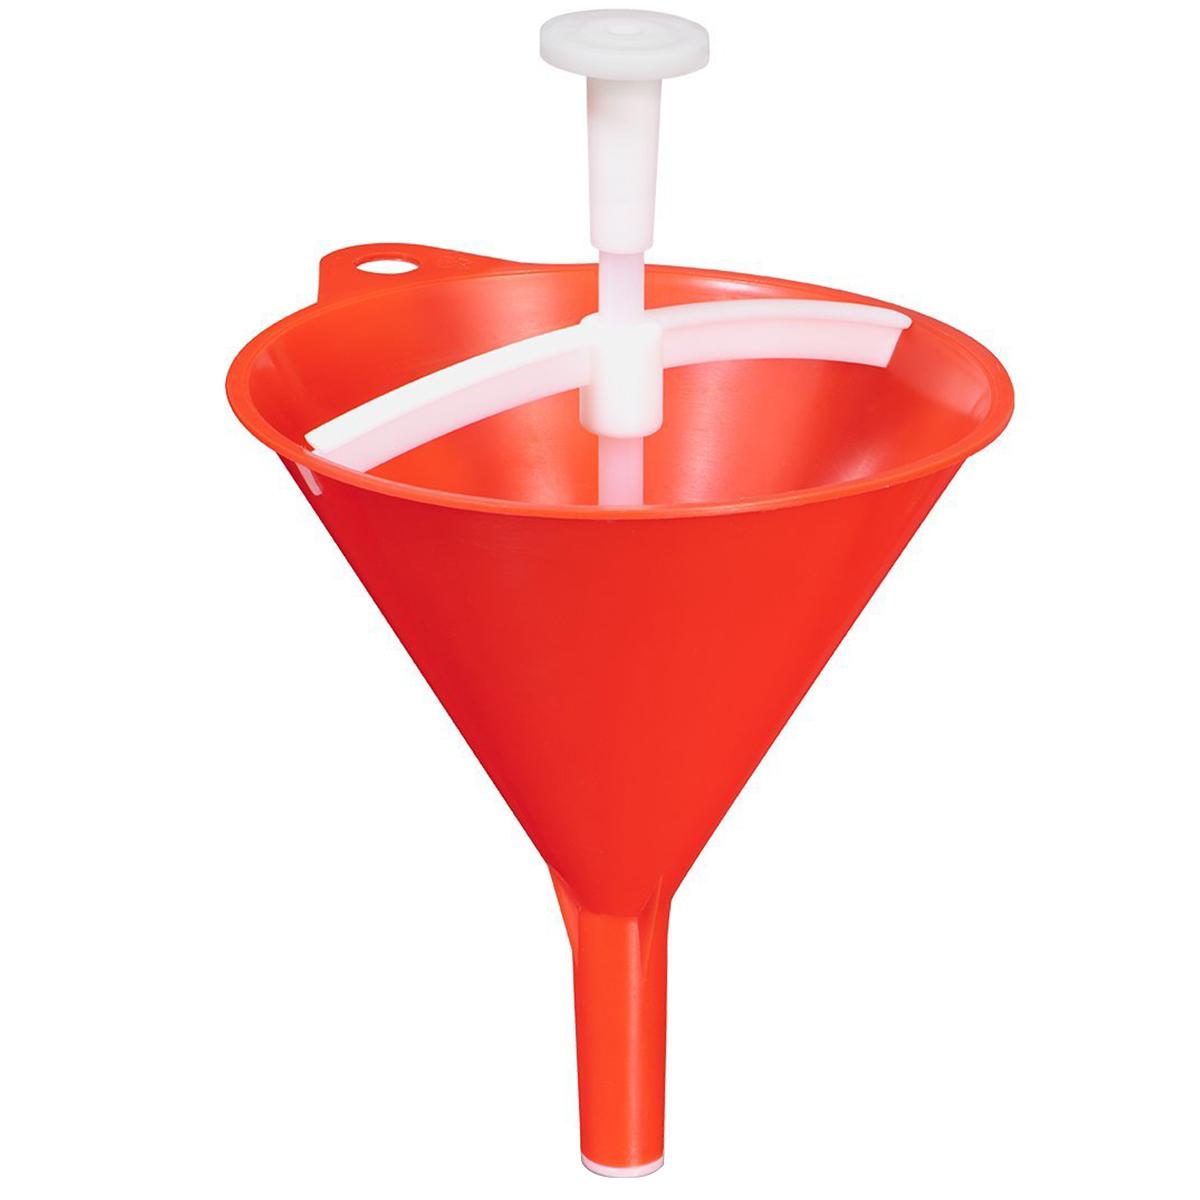 Drychter Trichter Einfüllhilfe Einfülltrichter Öl Benzin - Das Original